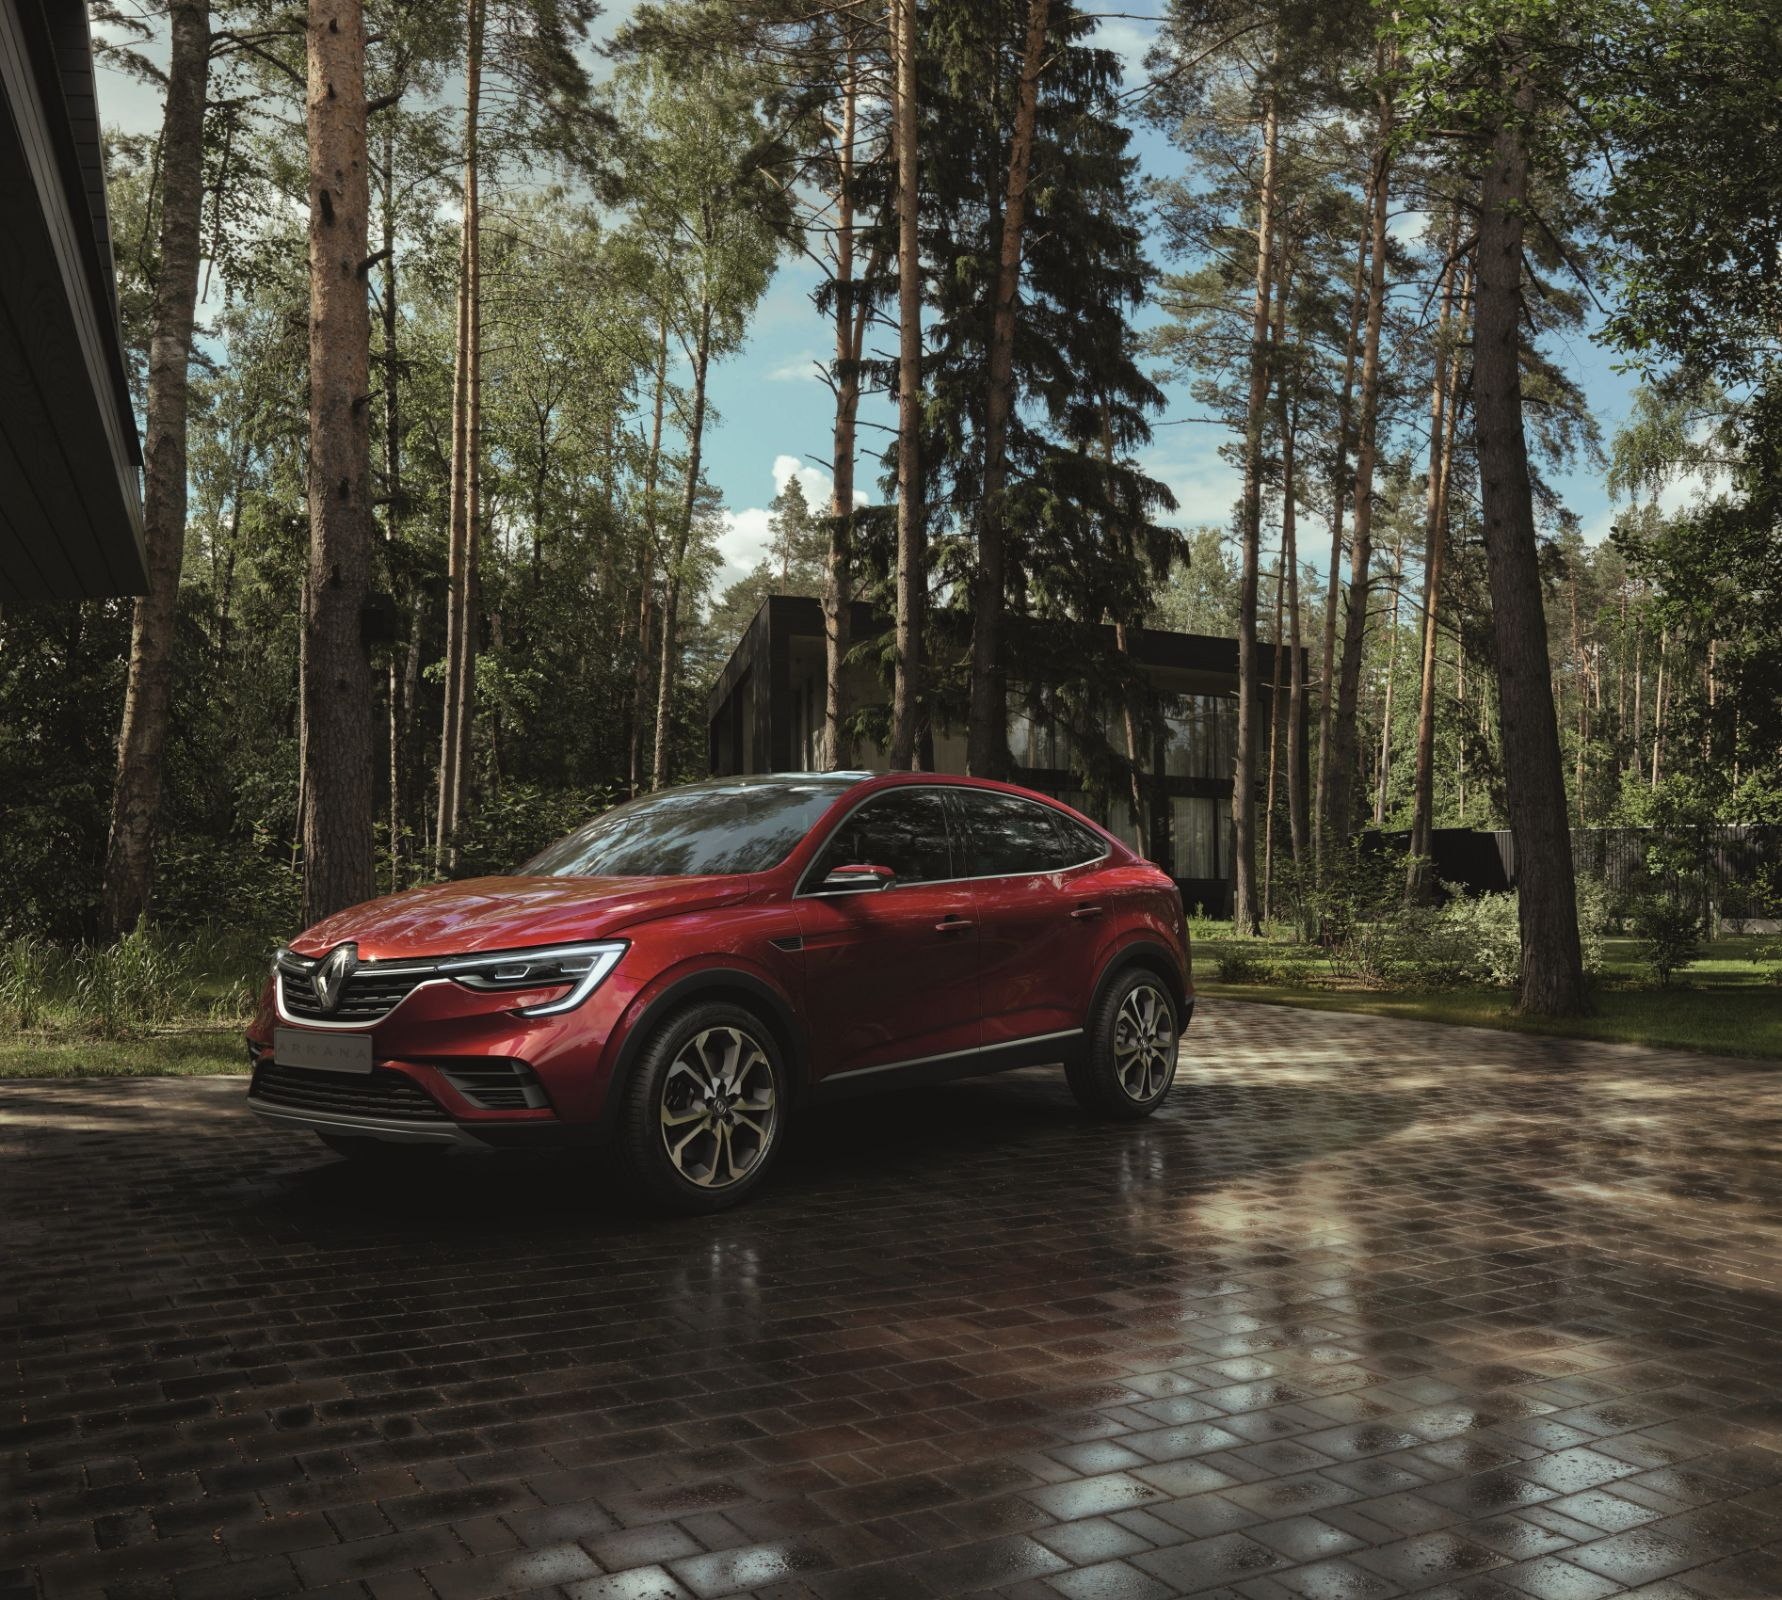 Arkana, o novo SUV da Renault, foi apresentado nesta quarta-feira, 29. Crossover chega às ruas brasileiras em 2020. Projeto é voltado aos países emergentes.